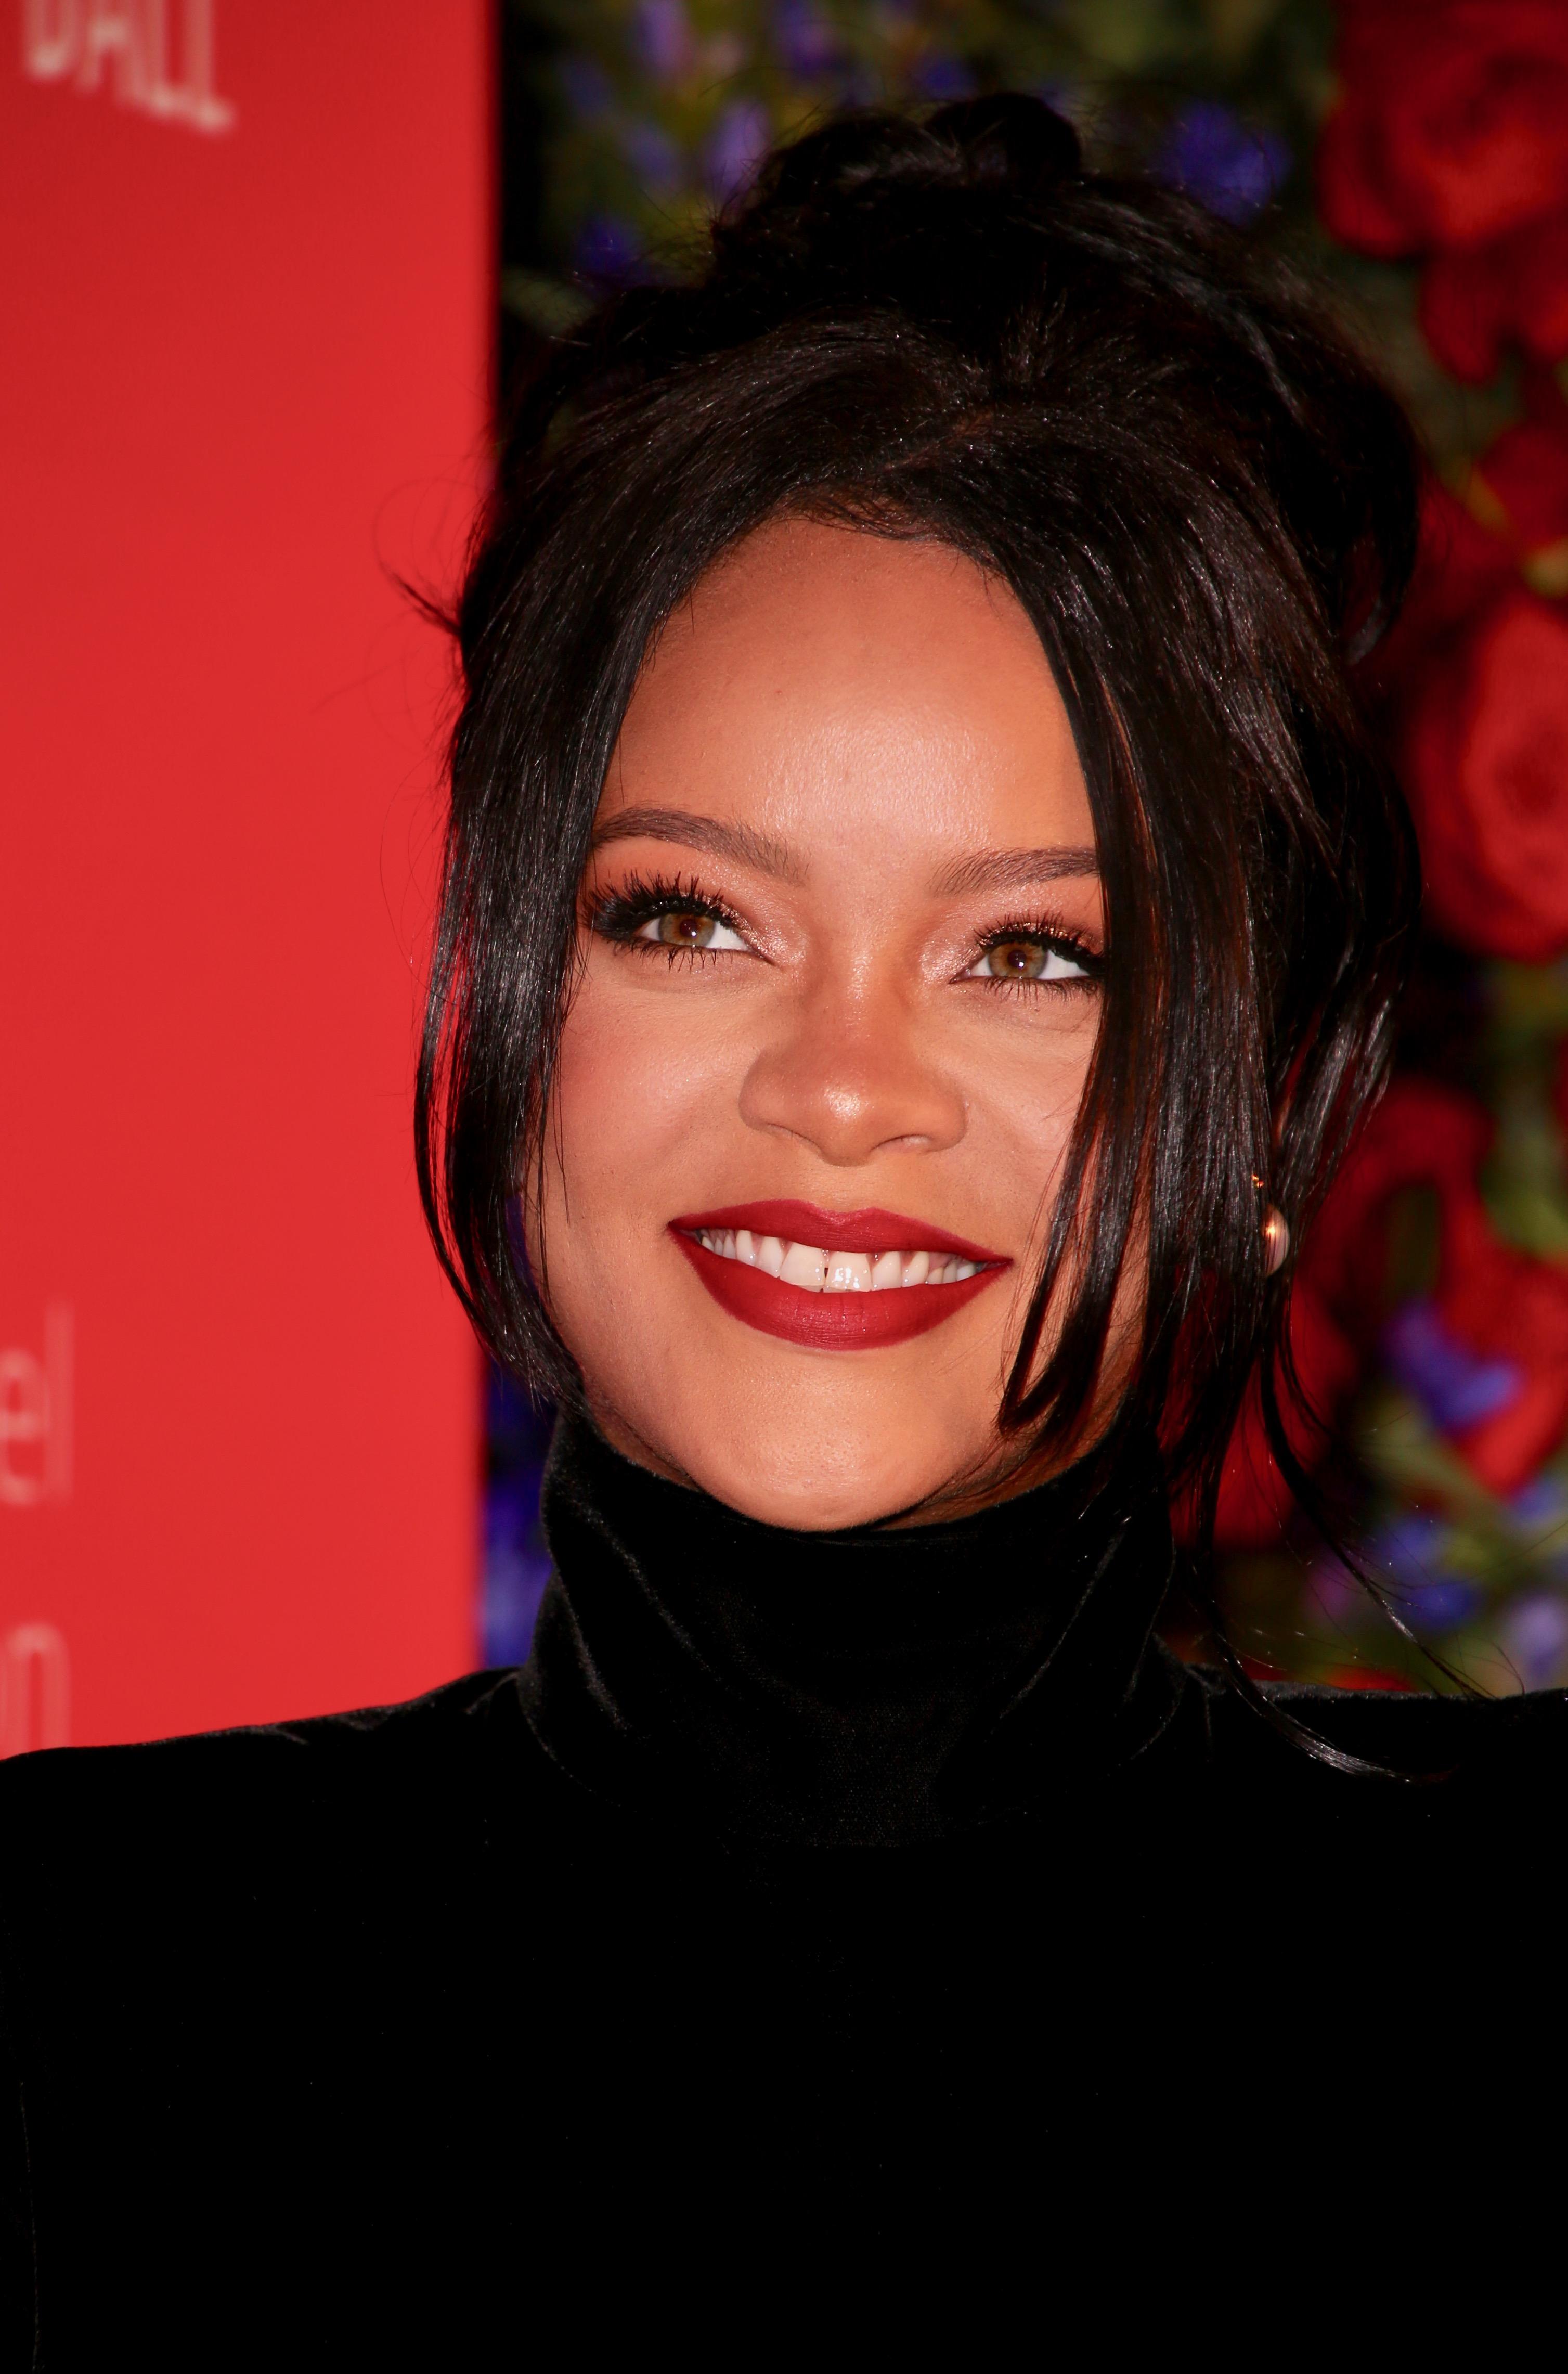 Μια μάσκαρα- δύο διαφορετικά βουρτσάκια! Η Rihanna μόλις έβγαλε το προϊόν των ονείρων μας!